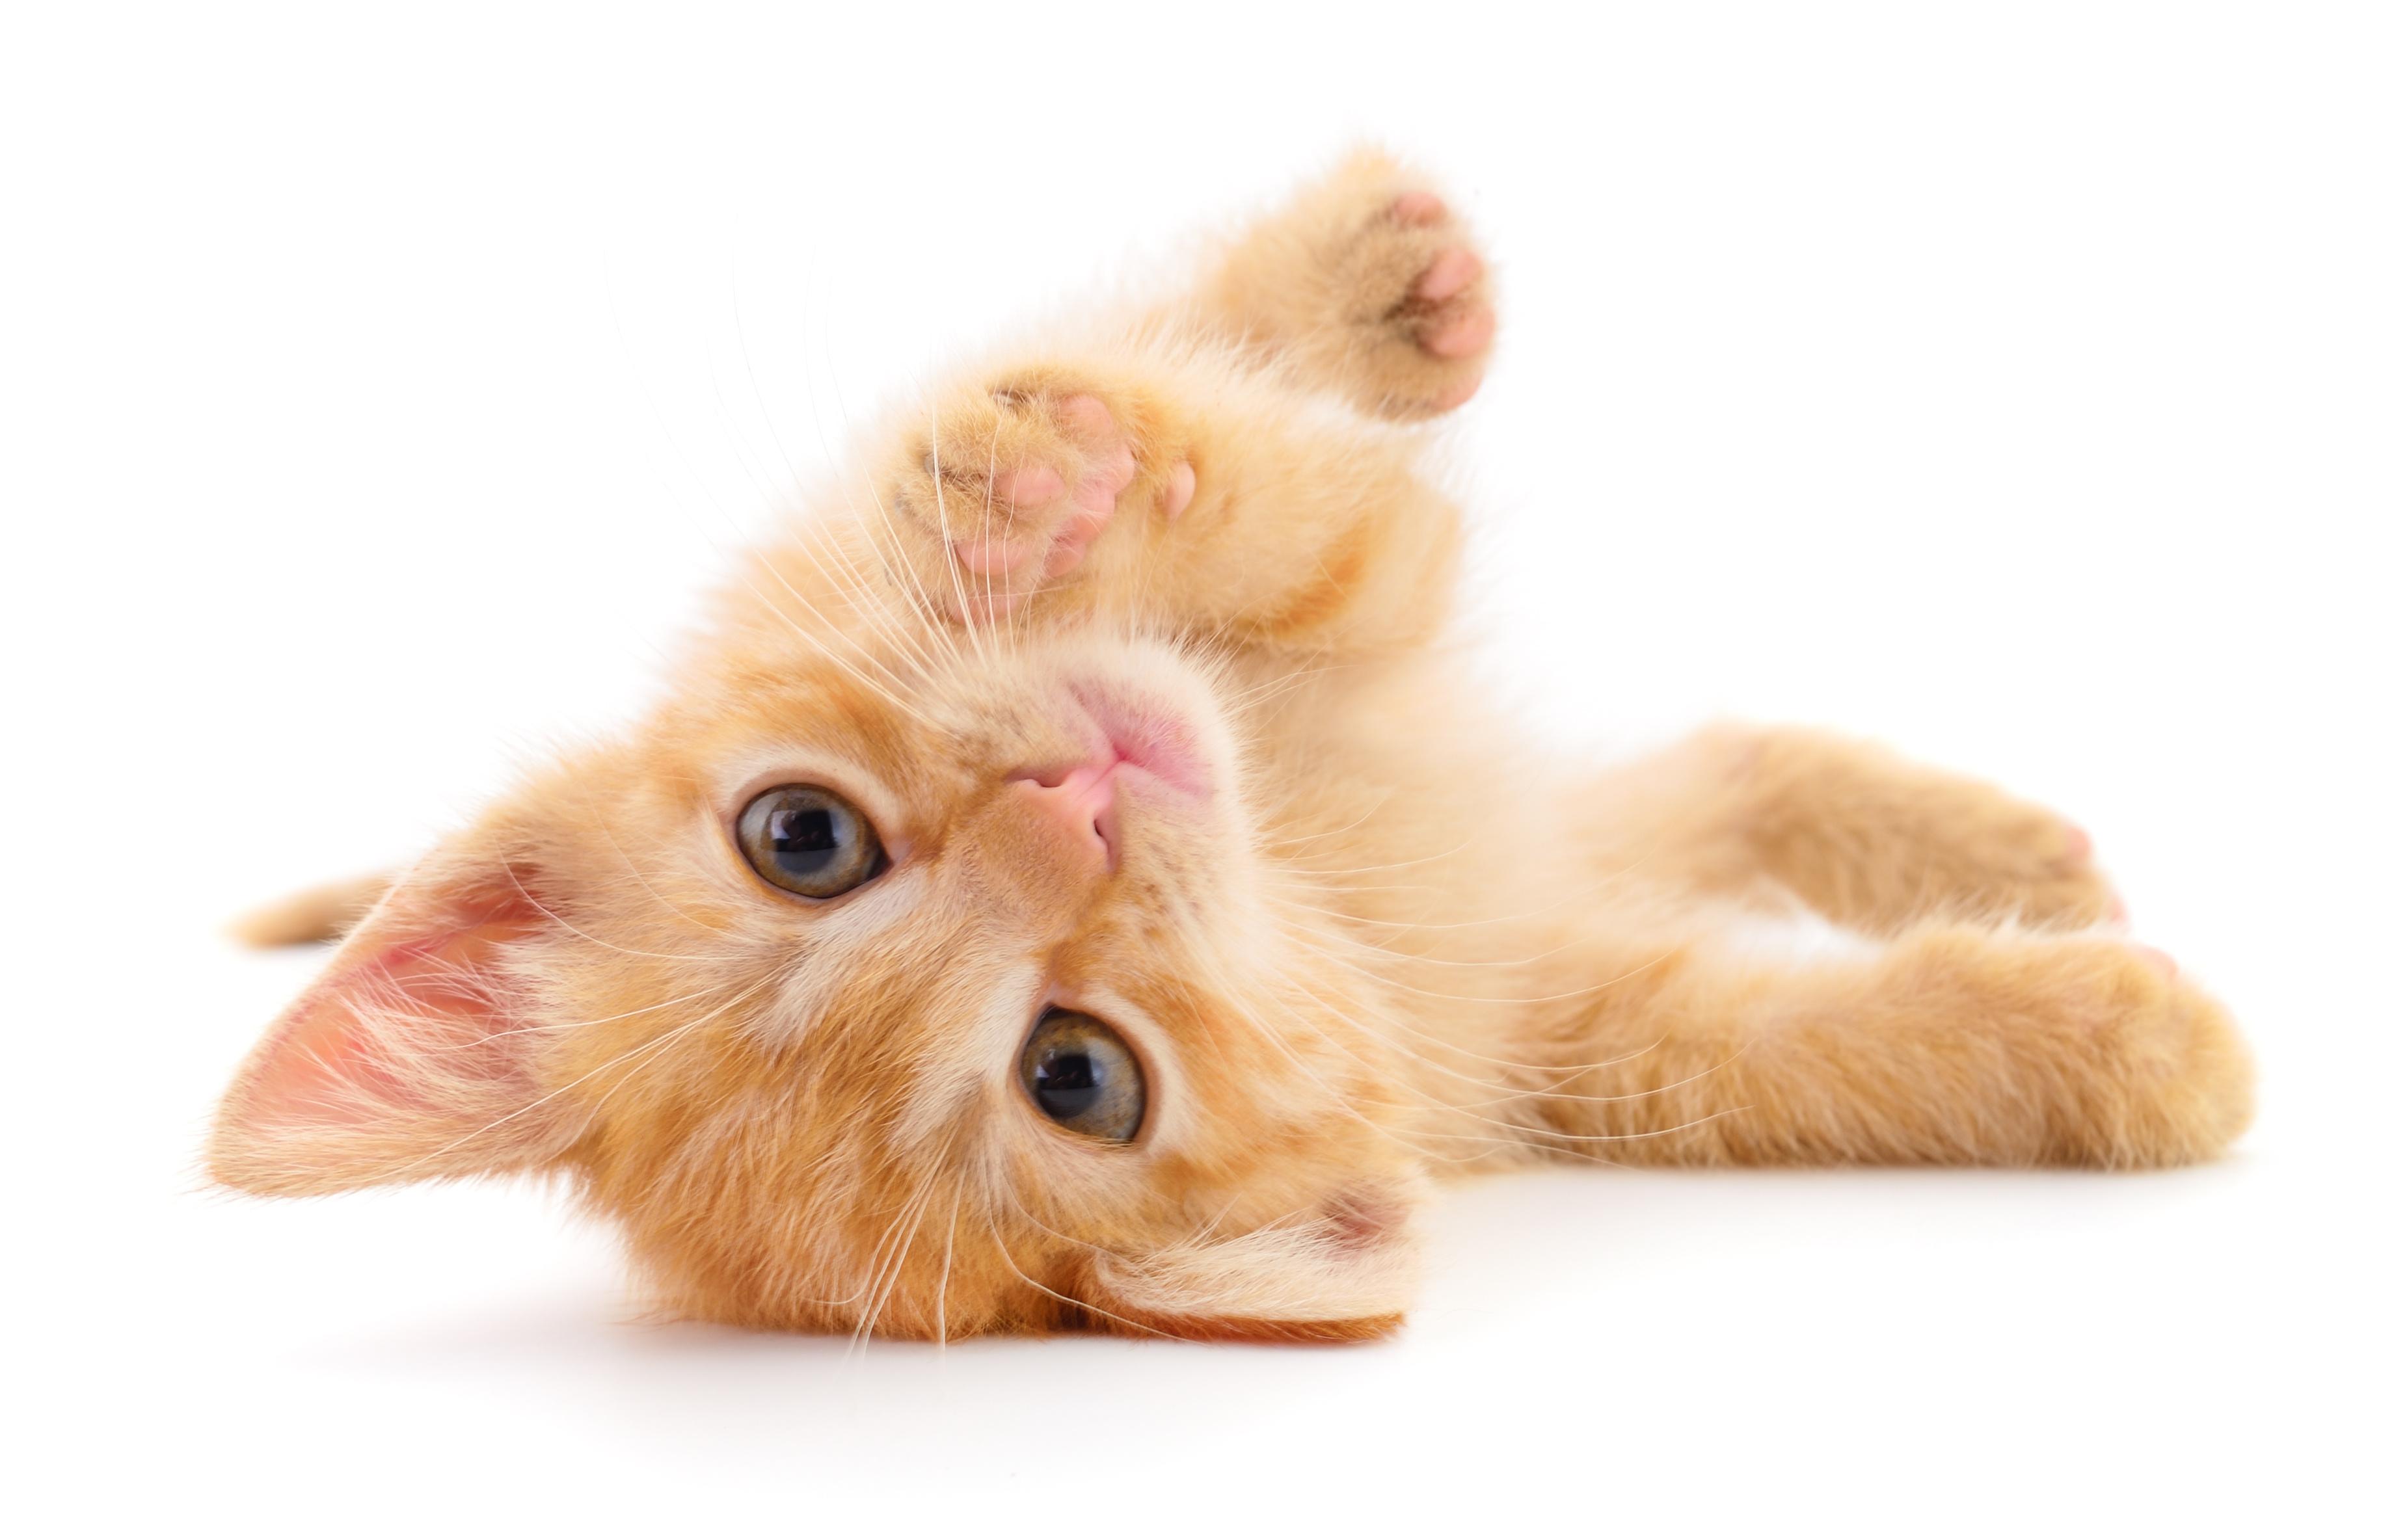 Small ginger kitten